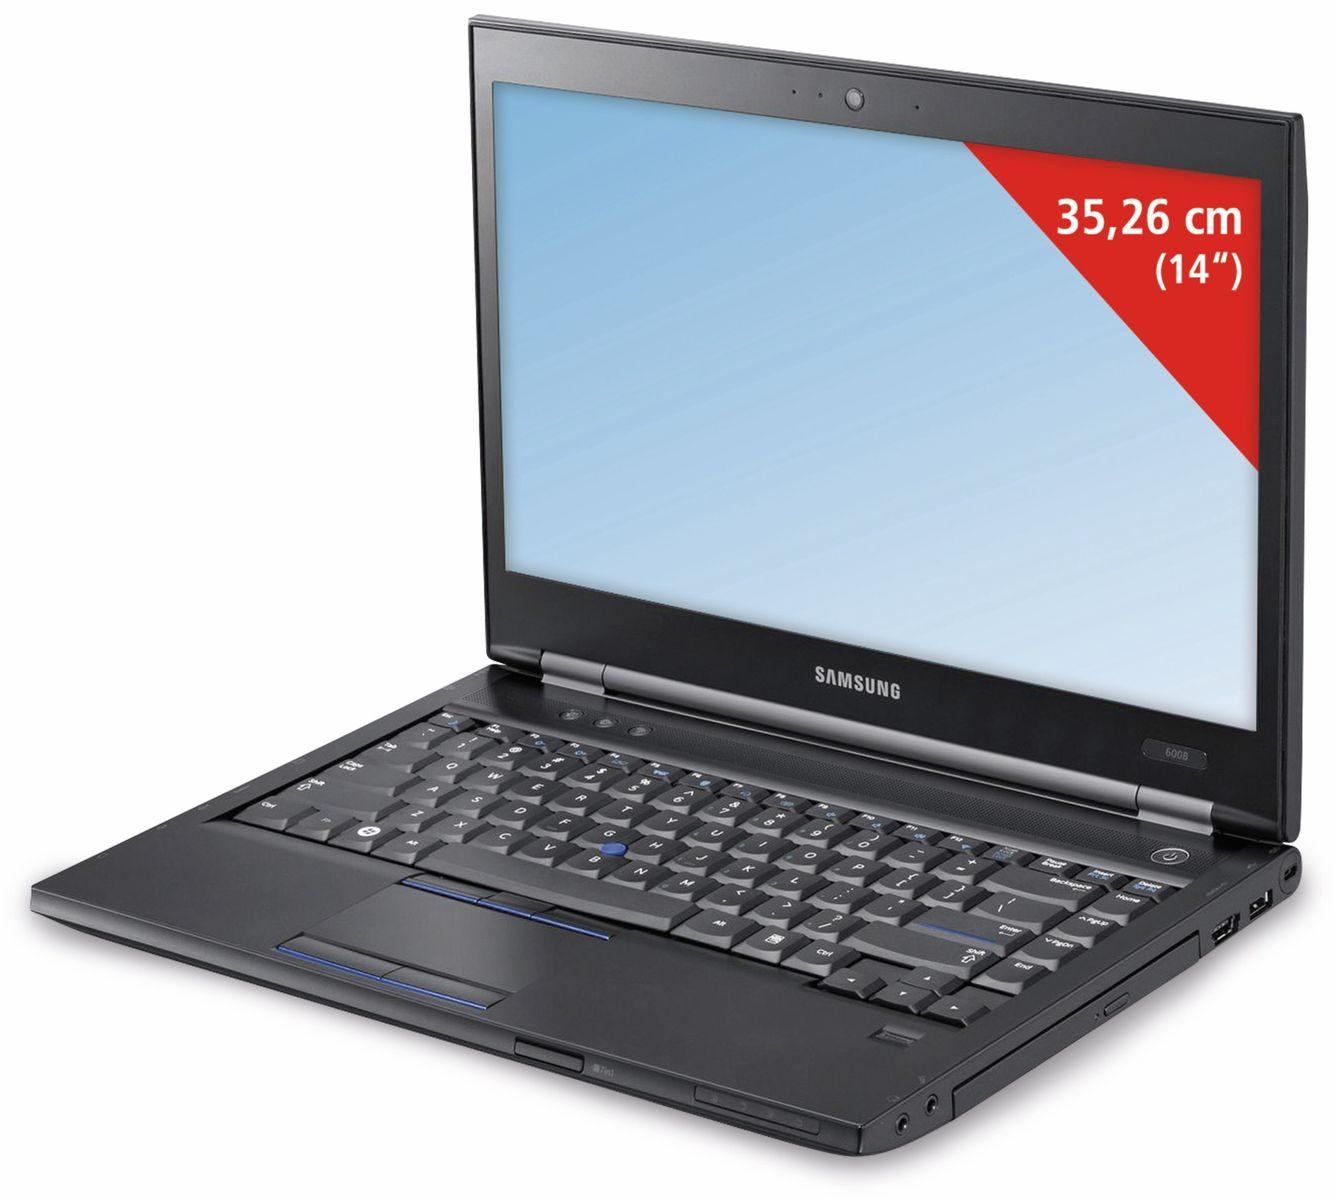 laptop samsung 600b4b 14 i5 2520m umts 320 gb. Black Bedroom Furniture Sets. Home Design Ideas